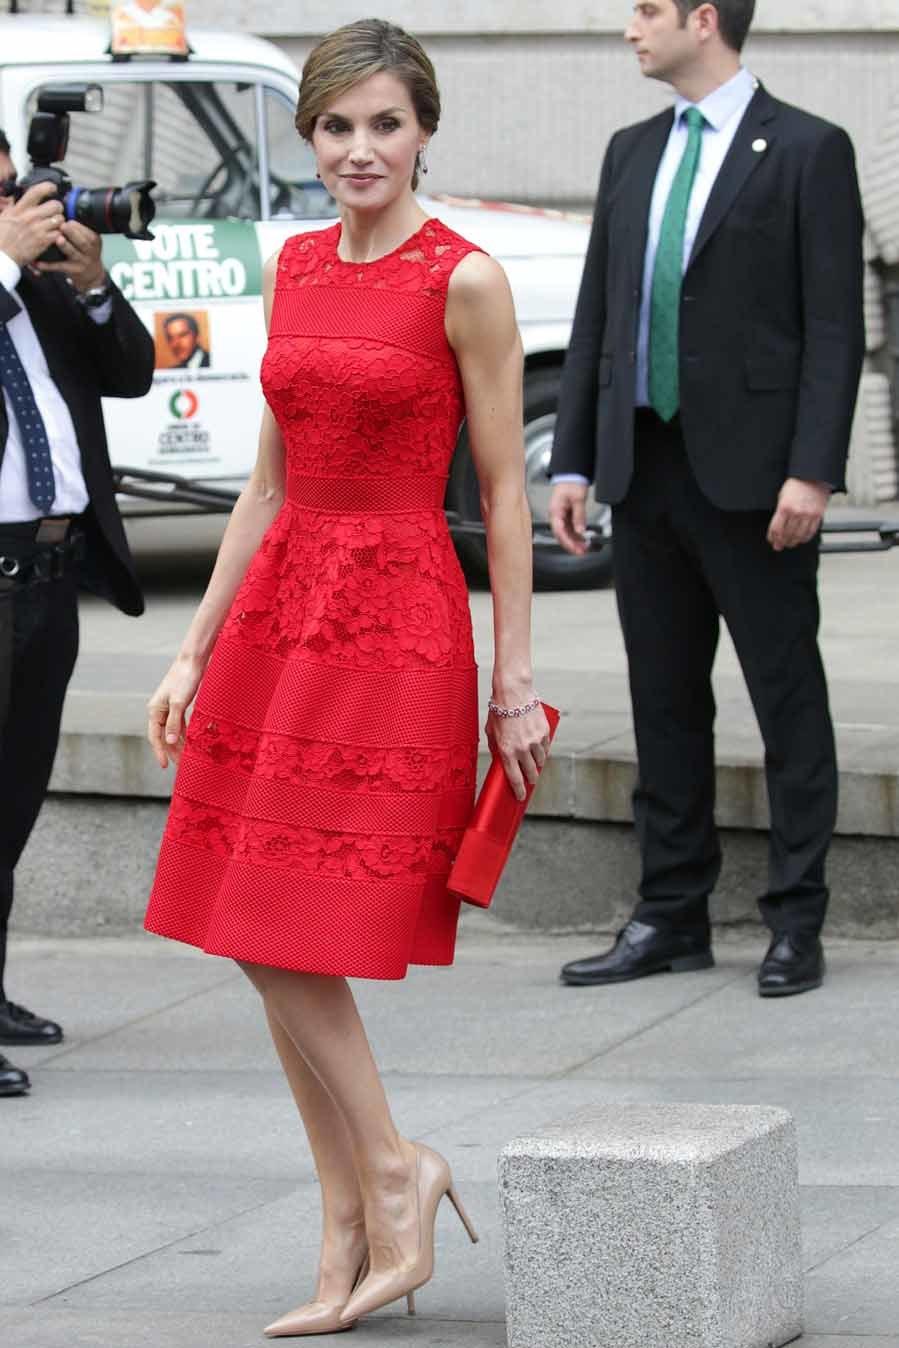 Zapatos Vestido Rojo Y Y Rojo Zapatos Vestido Negros Uoptzixk